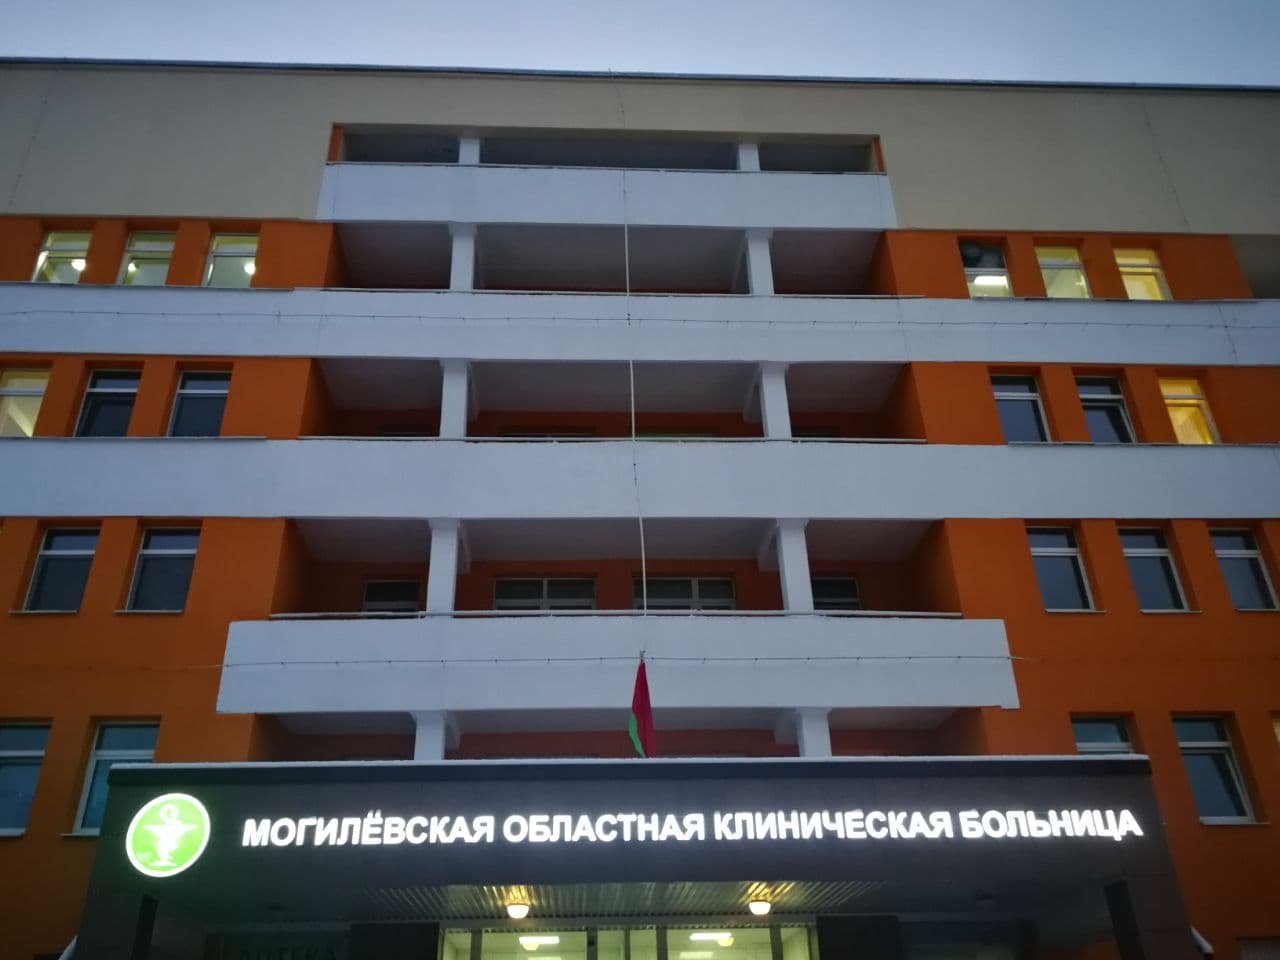 Лукашенко рассказал об особенностях коронавируса в Могилевской области